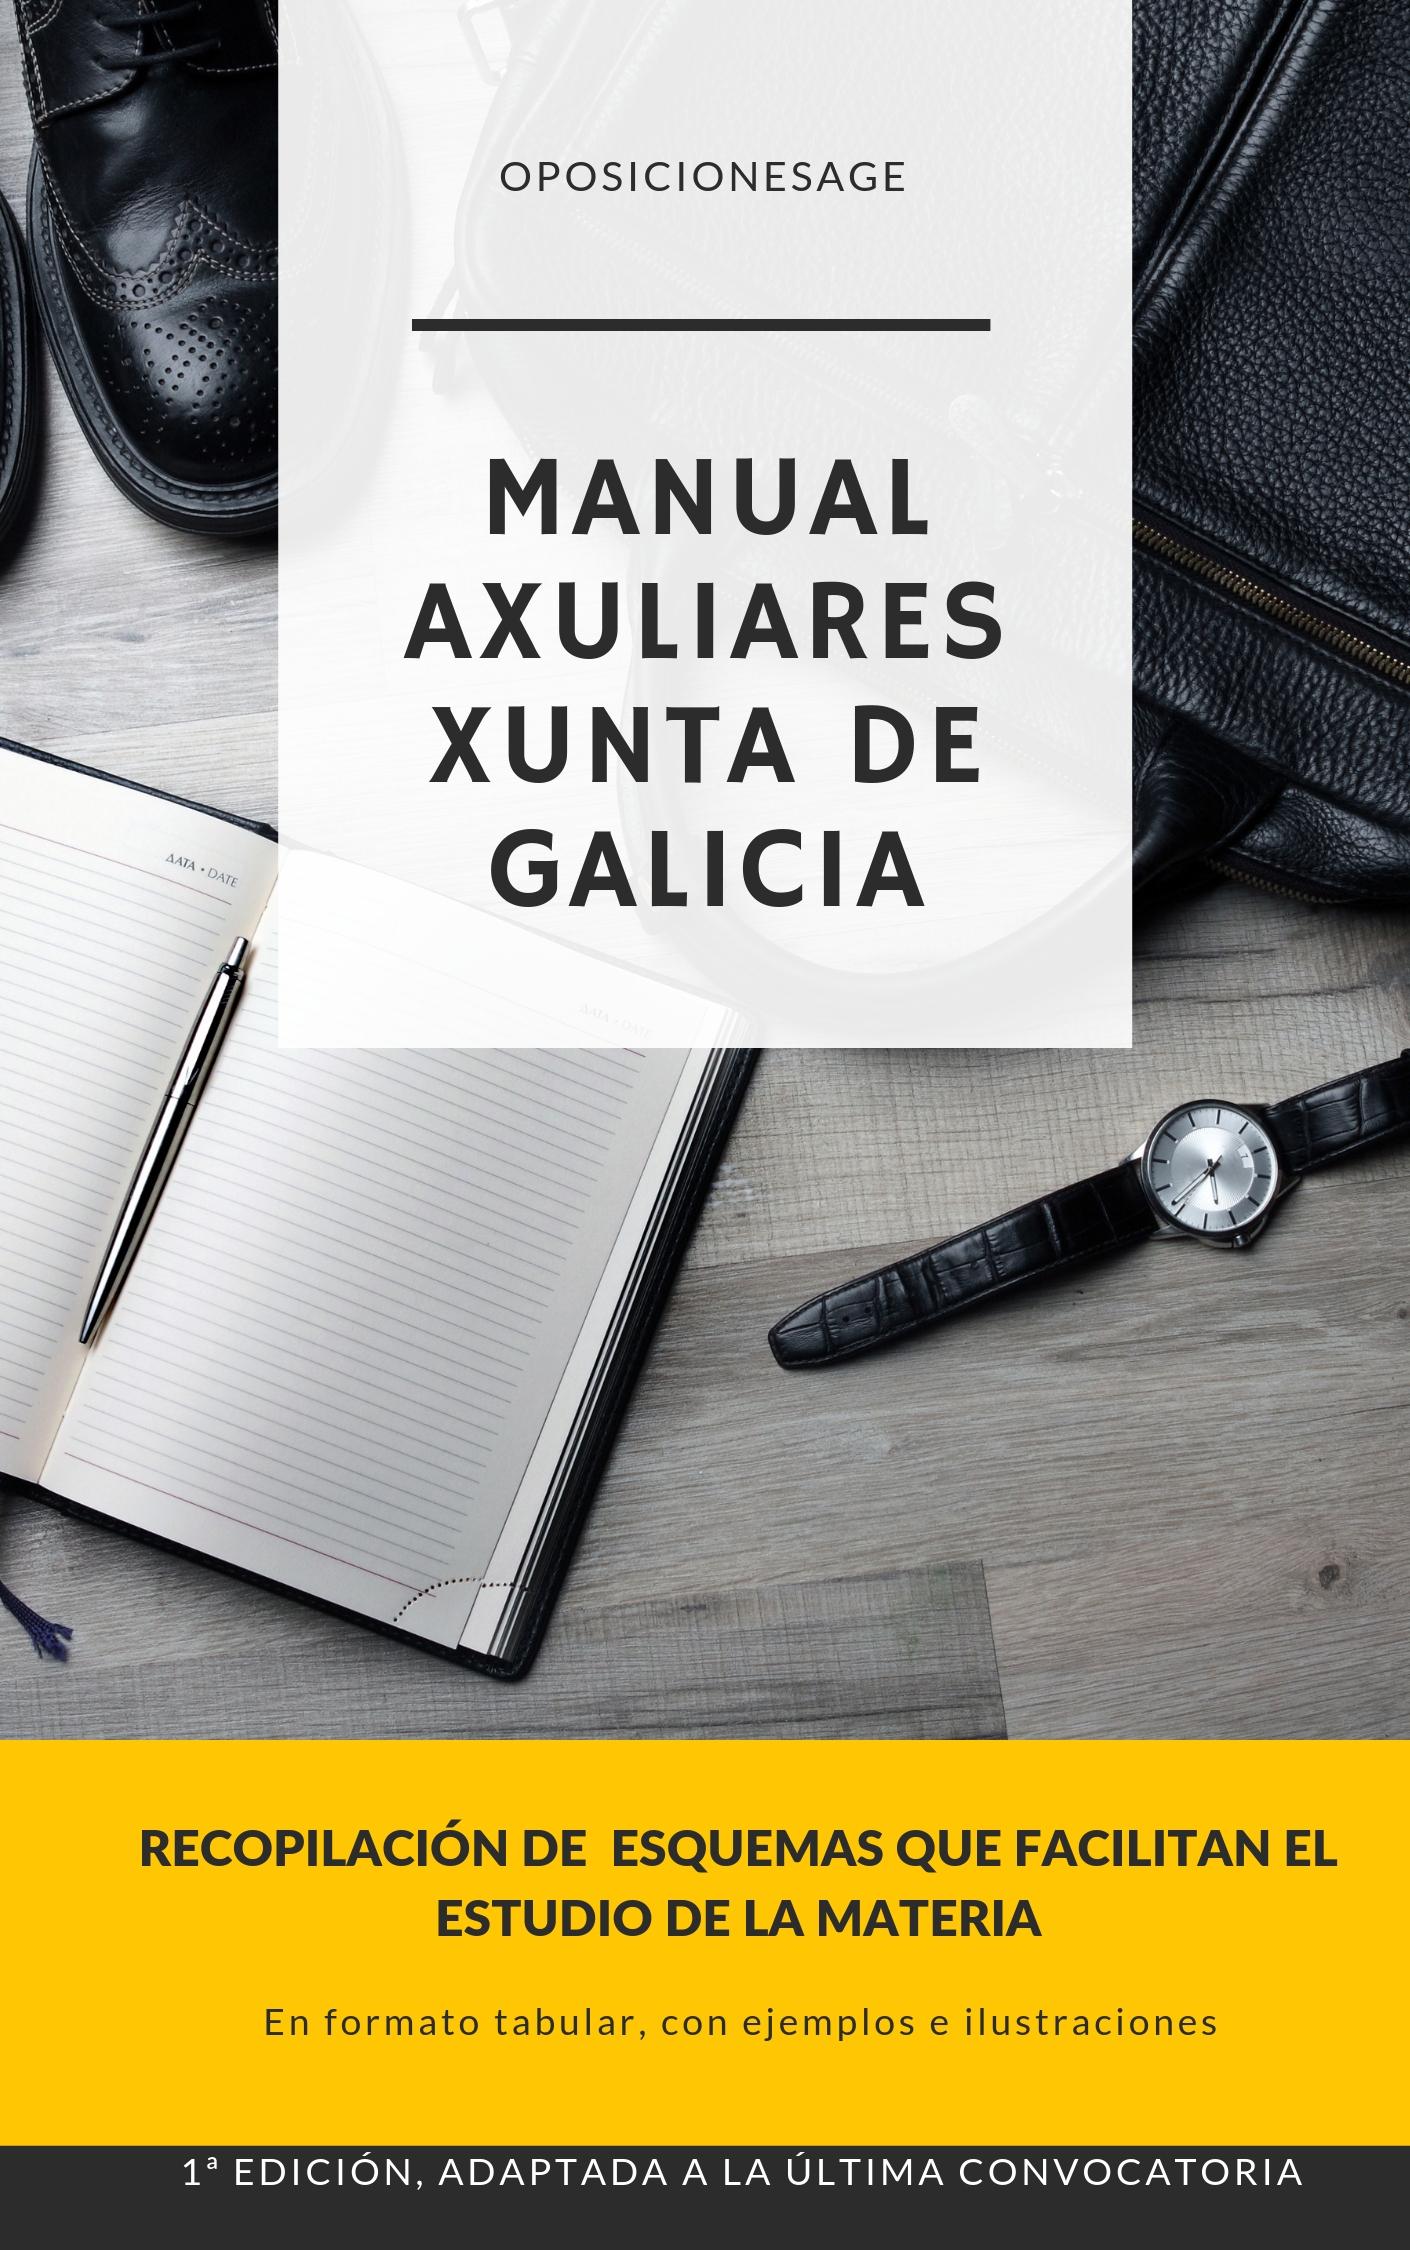 MANUAL AUXILIARES DE LA XUNTA DE GALICIA